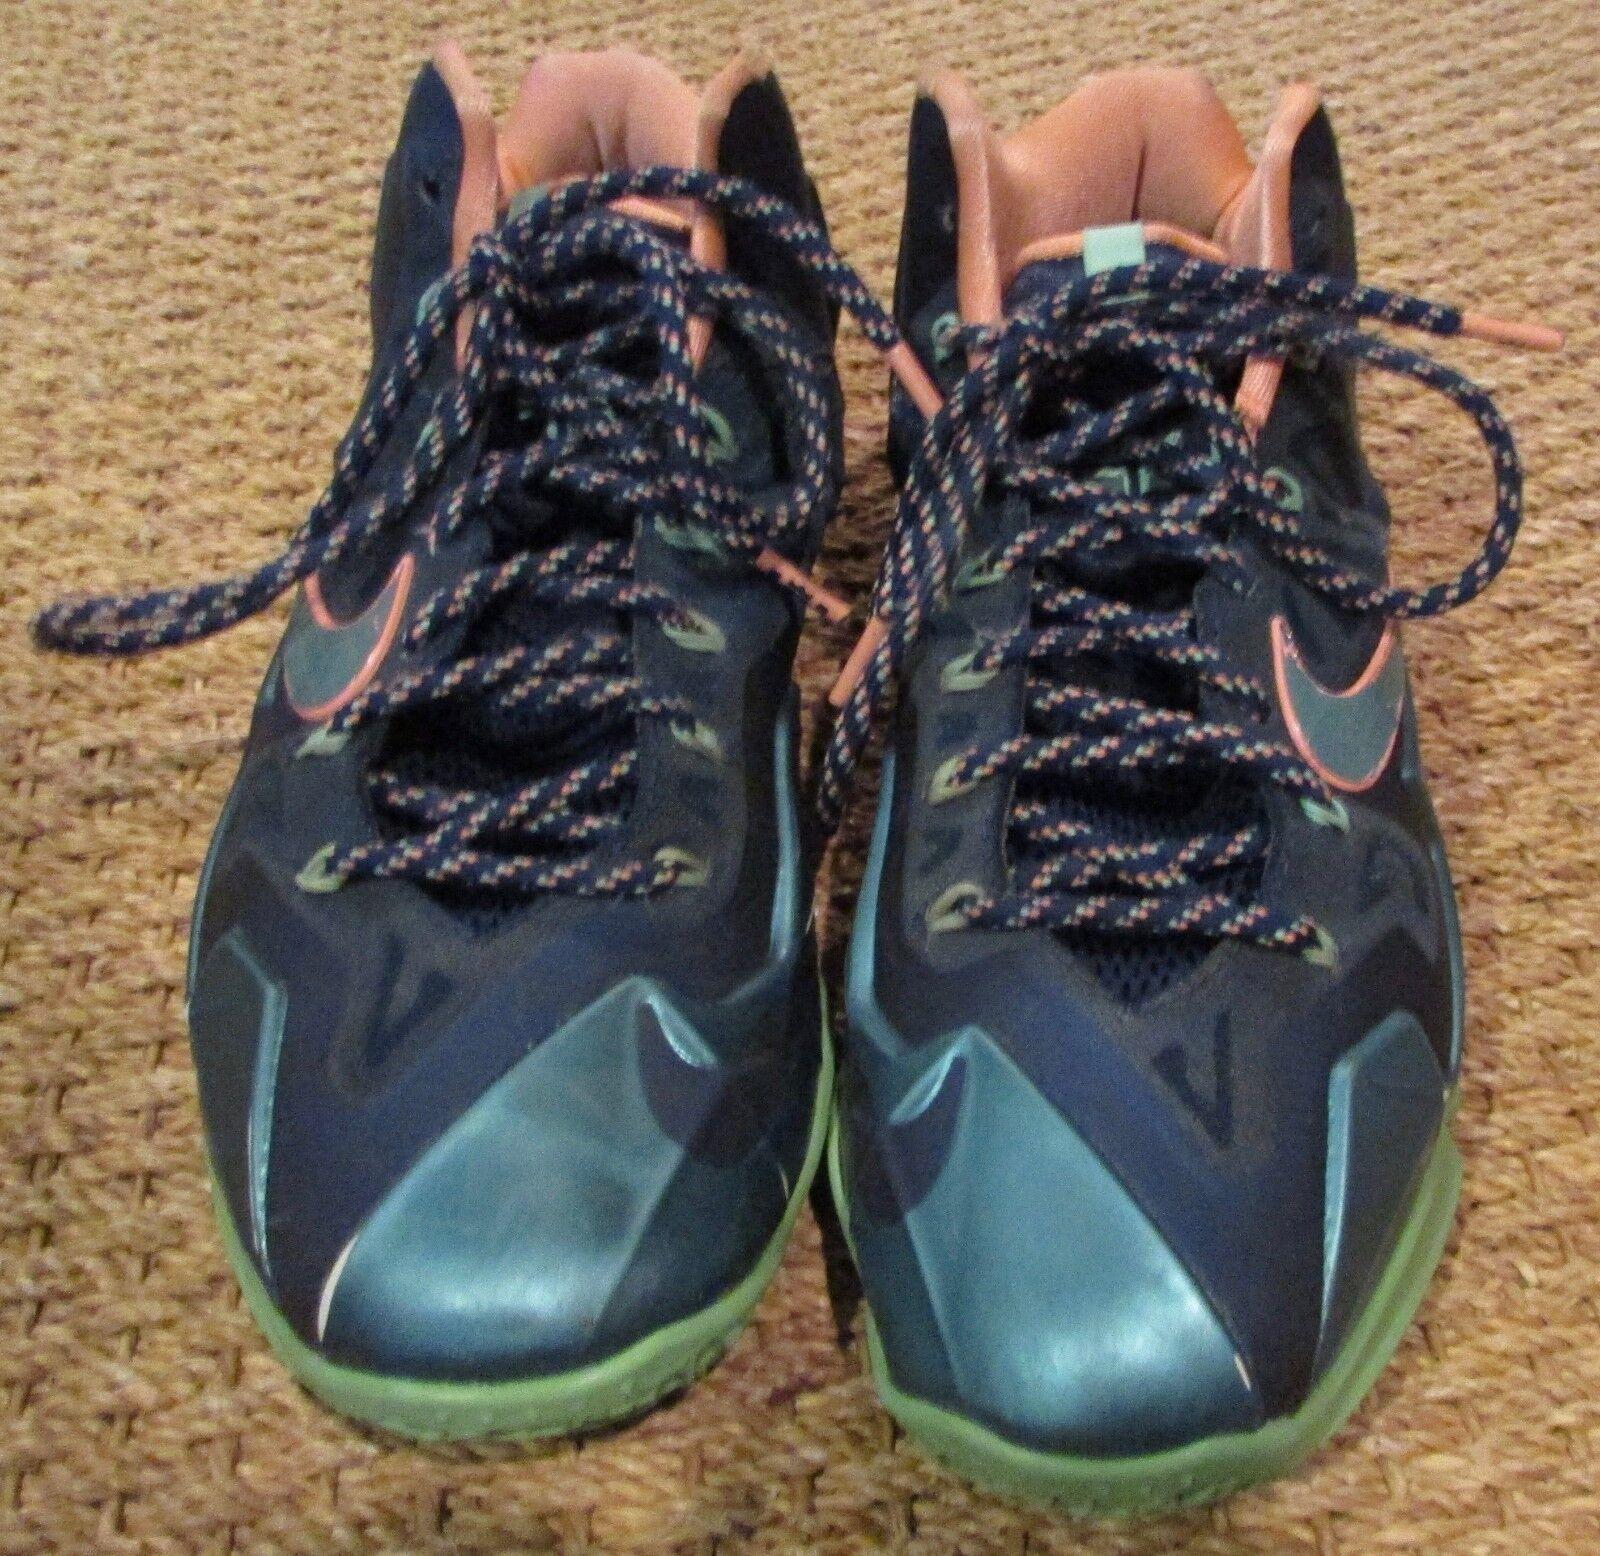 2018 Nike Vs Lebron 11 XI Akron Vs Nike Miami homme's Basketball chaussures 616175-400 SZ 12 716173